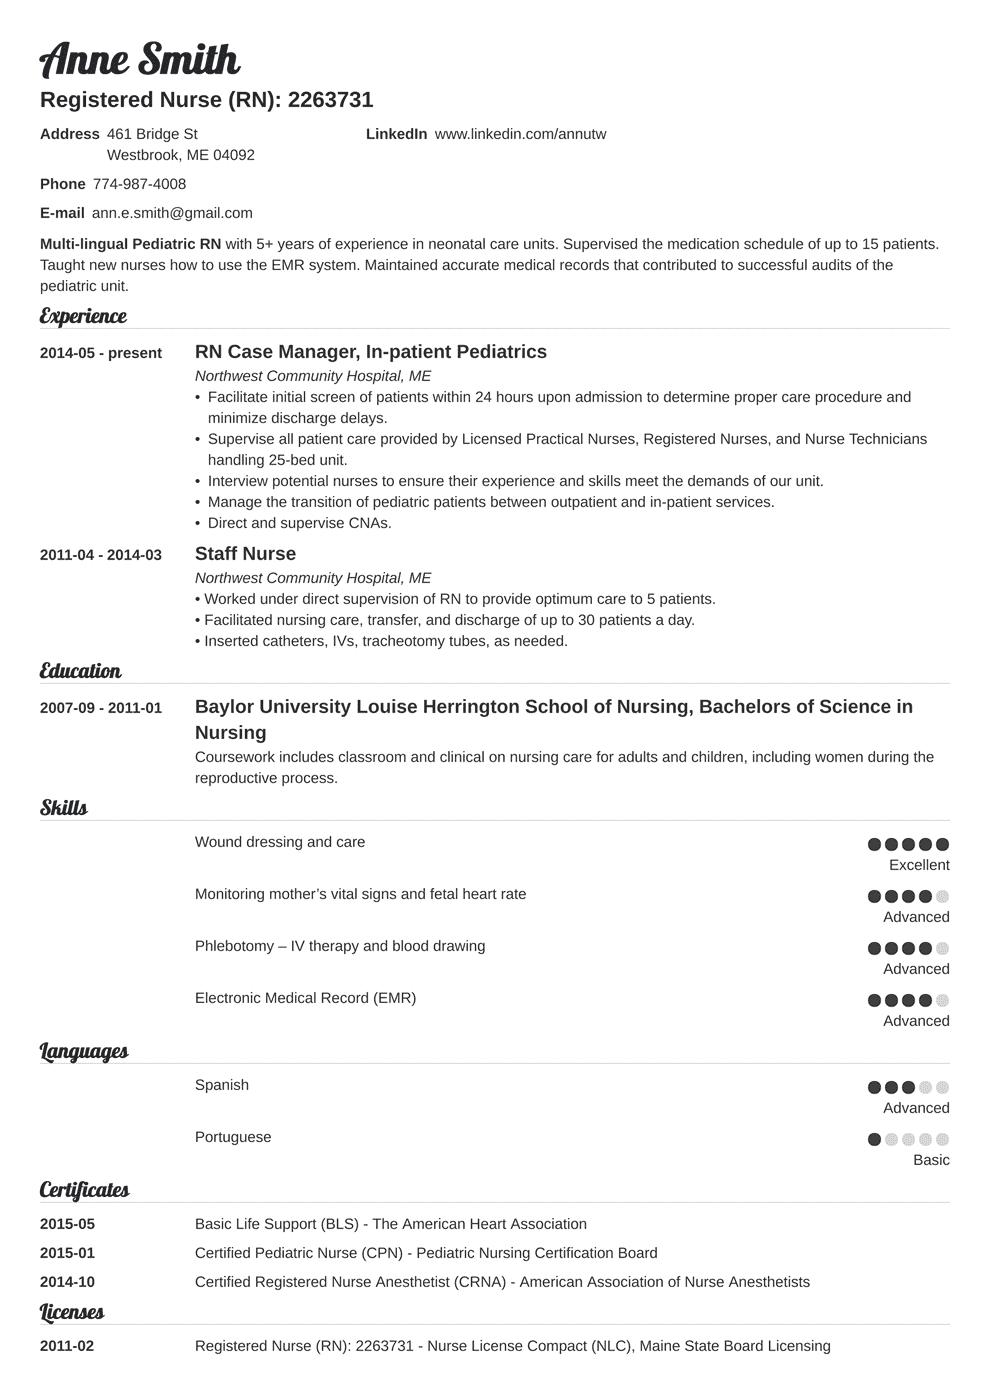 Nursing Resume Template Louiesportsmouth Com Nursing Resume Examples Nursing Resume Template Registered Nurse Resume